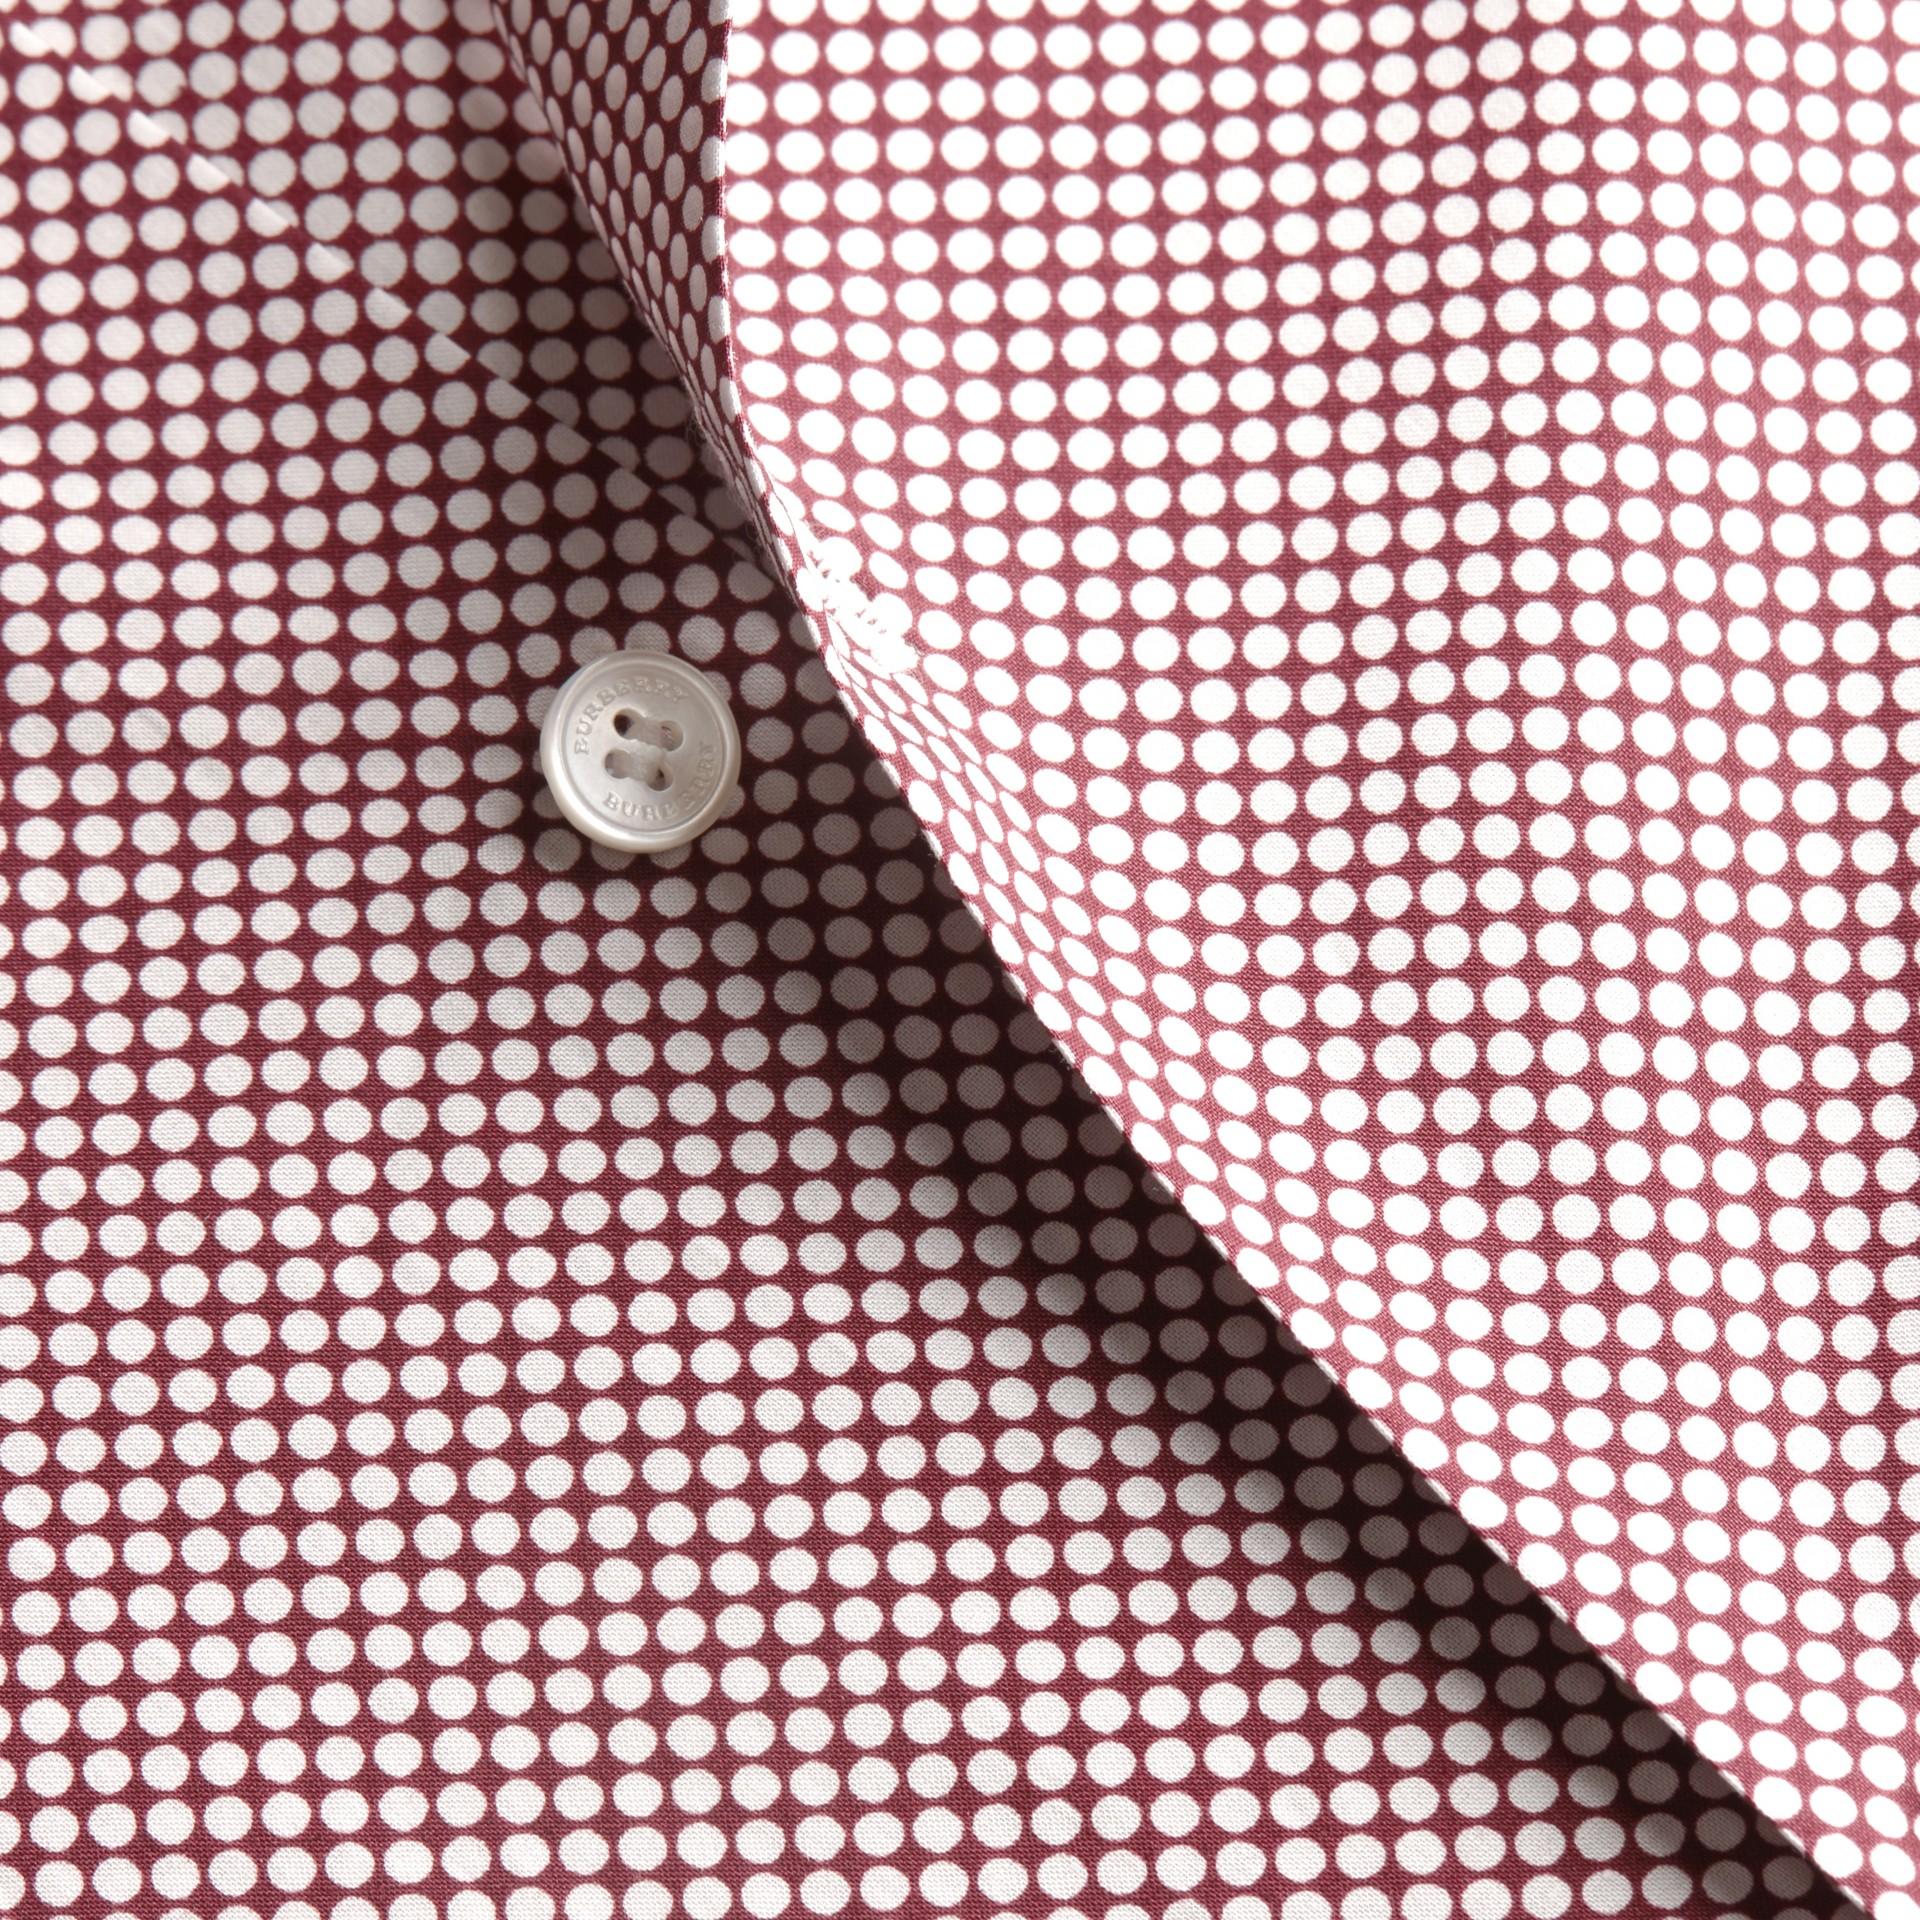 カーマインレッド ポルカドット コットンシャツ カーマインレッド - ギャラリーイメージ 2